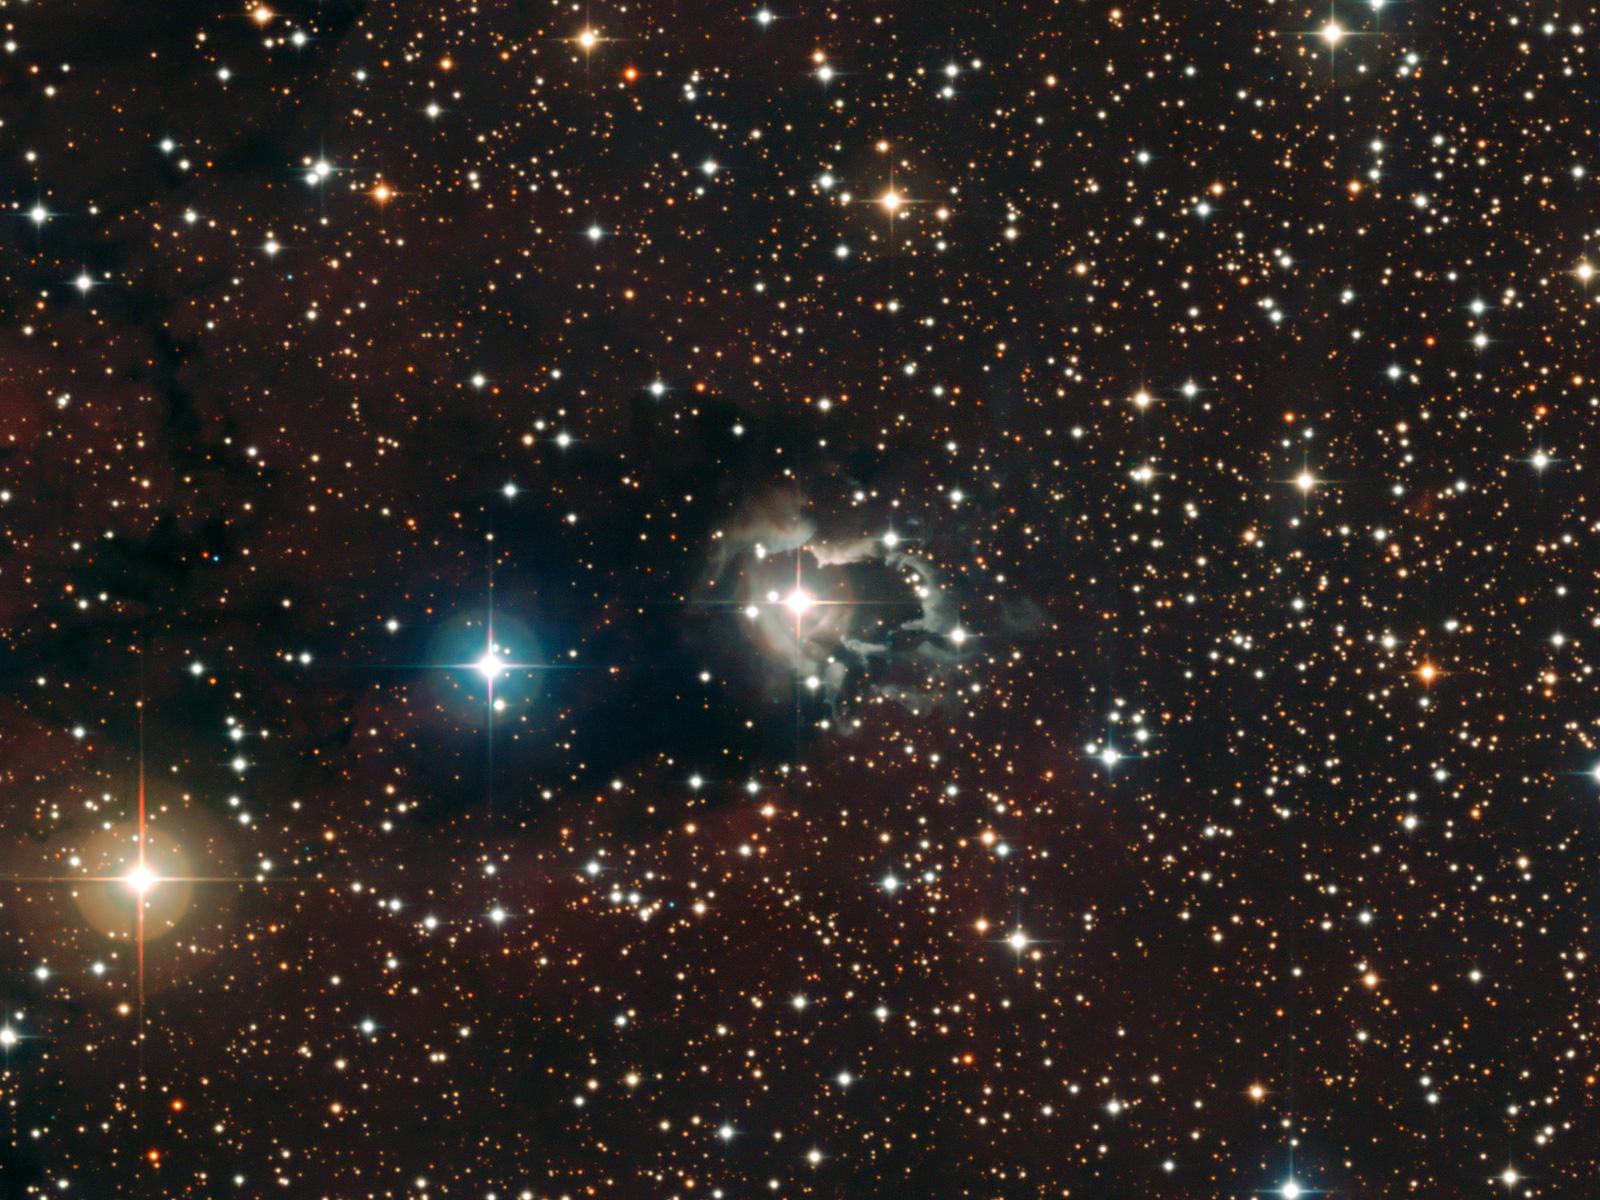 Reflection Nebula around HD 87643 1600